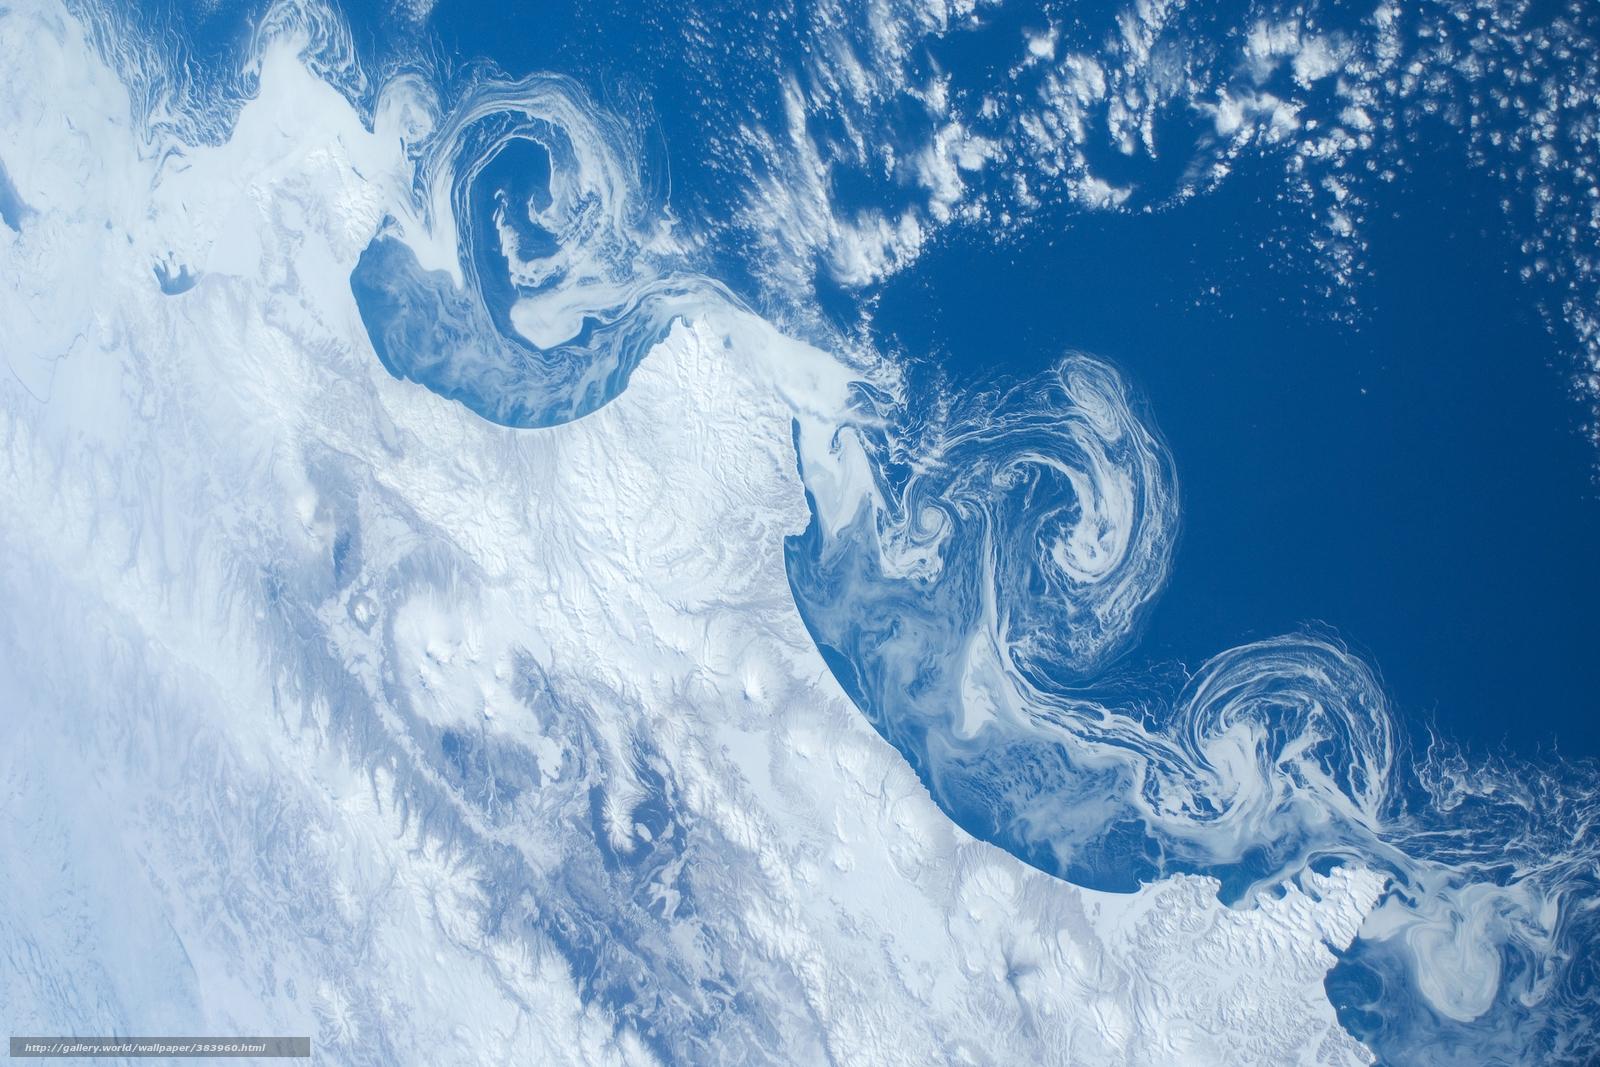 Скачать на телефон обои фото картинку на тему Міжнародна космічна станція МКС, земля, вид с космоса, камчатка, снег, океан, плавучие льдины, вулканы, разширение 1920x1280